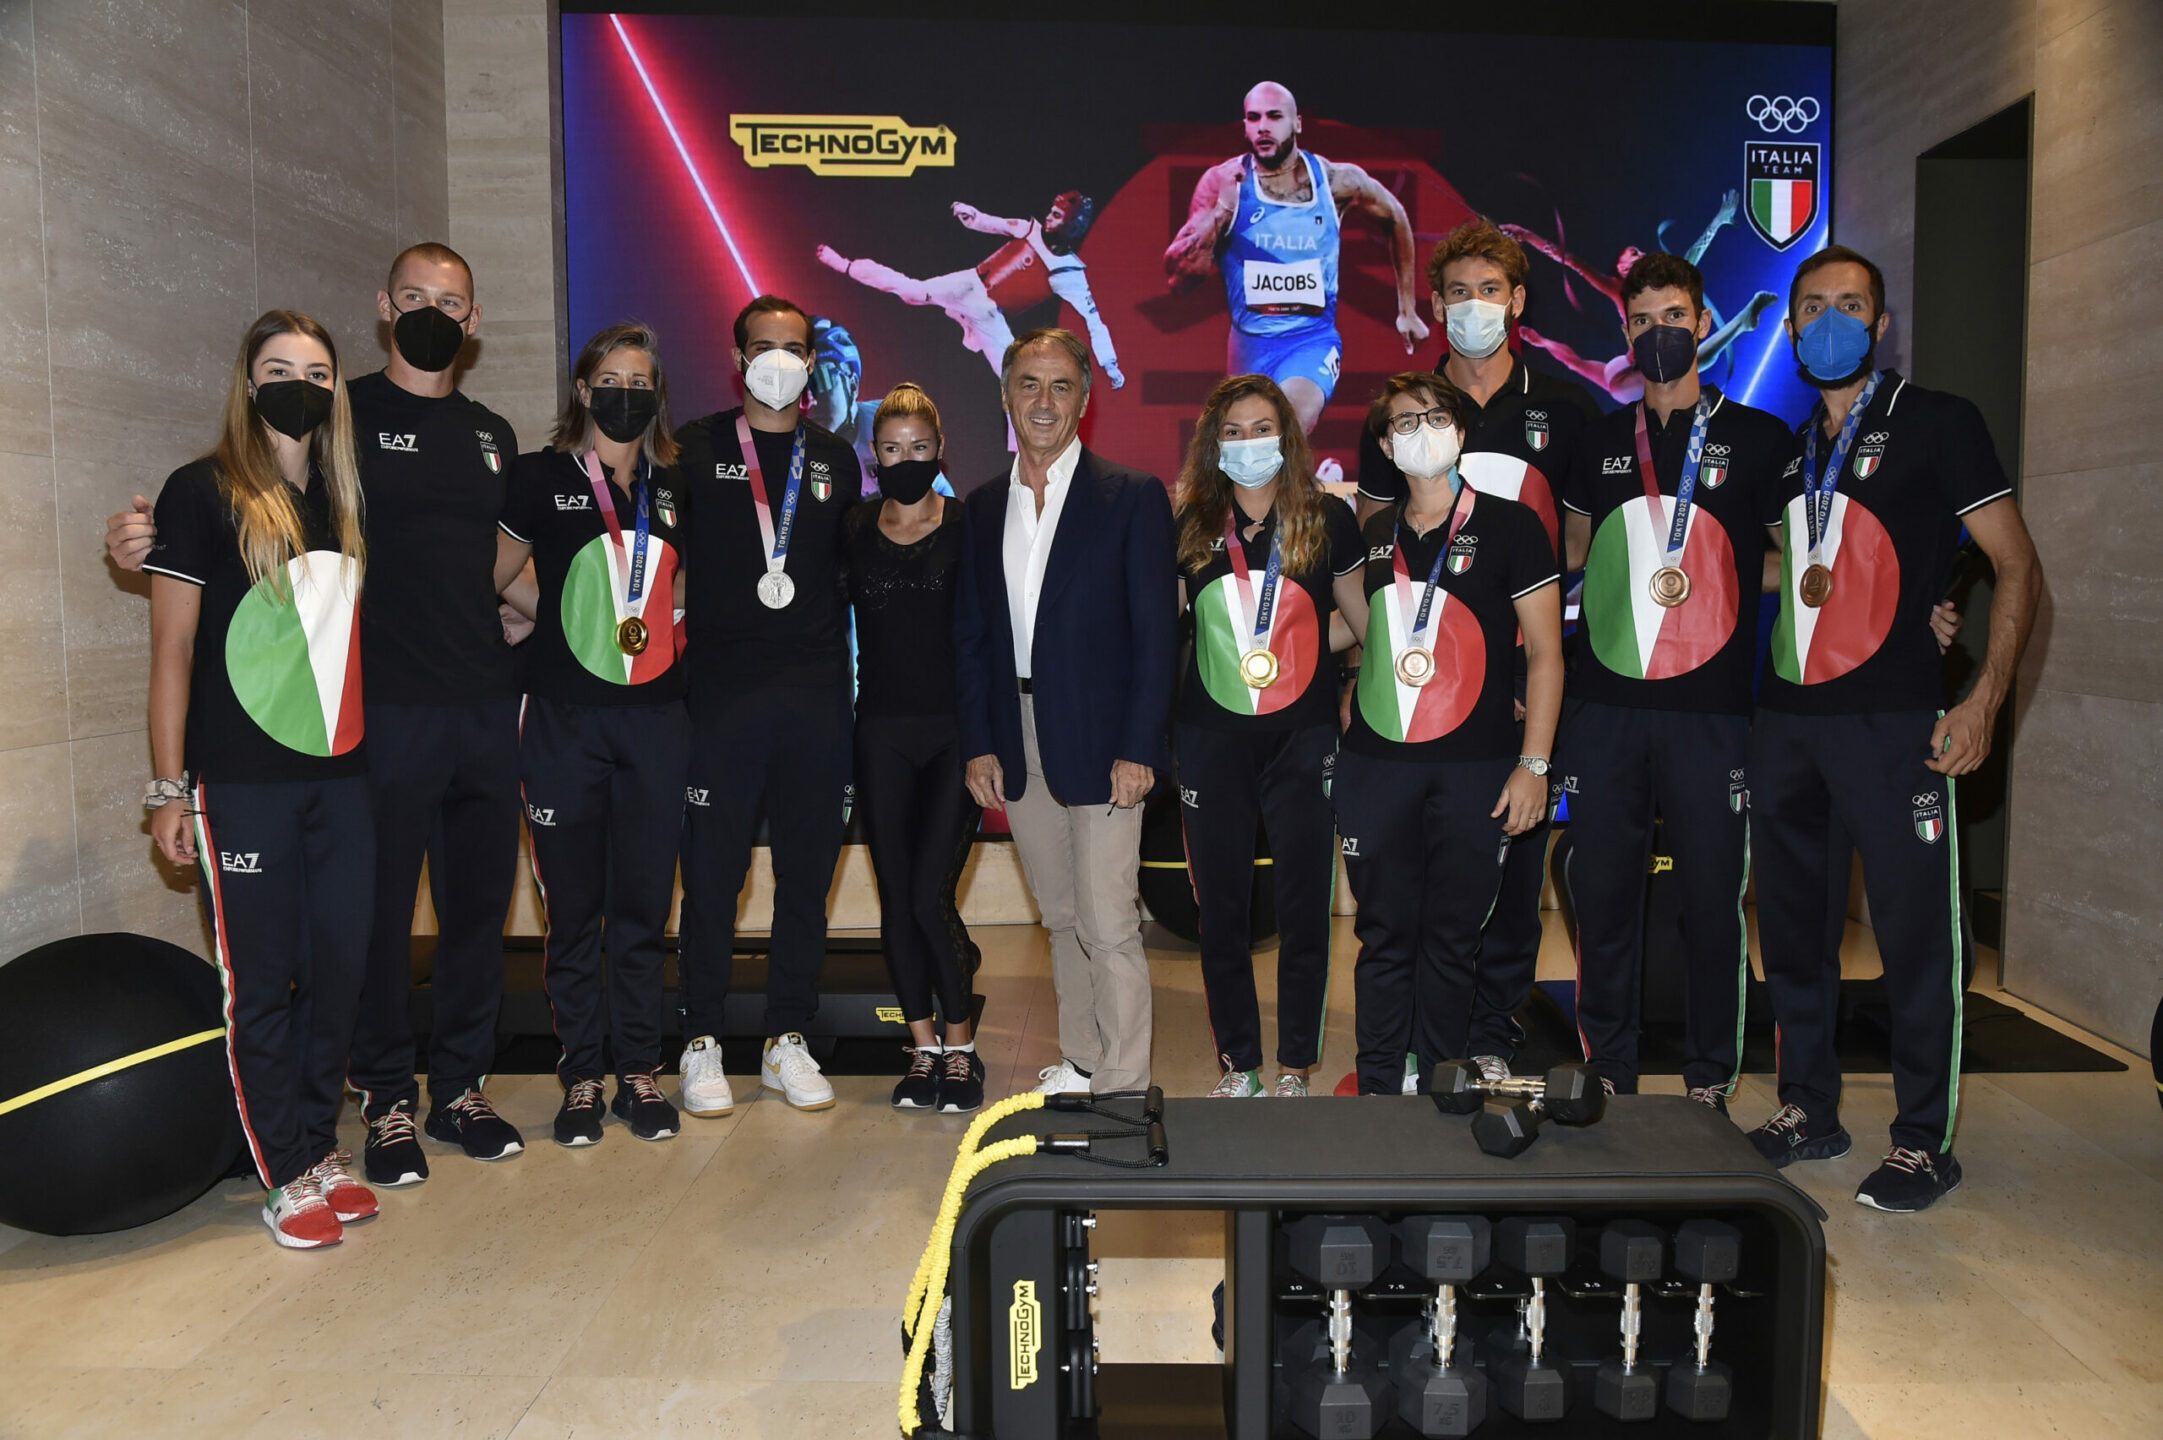 technogym-celebra-l'unione-tra-sport-e-design-con-i-campioni-di-tokyo-2020